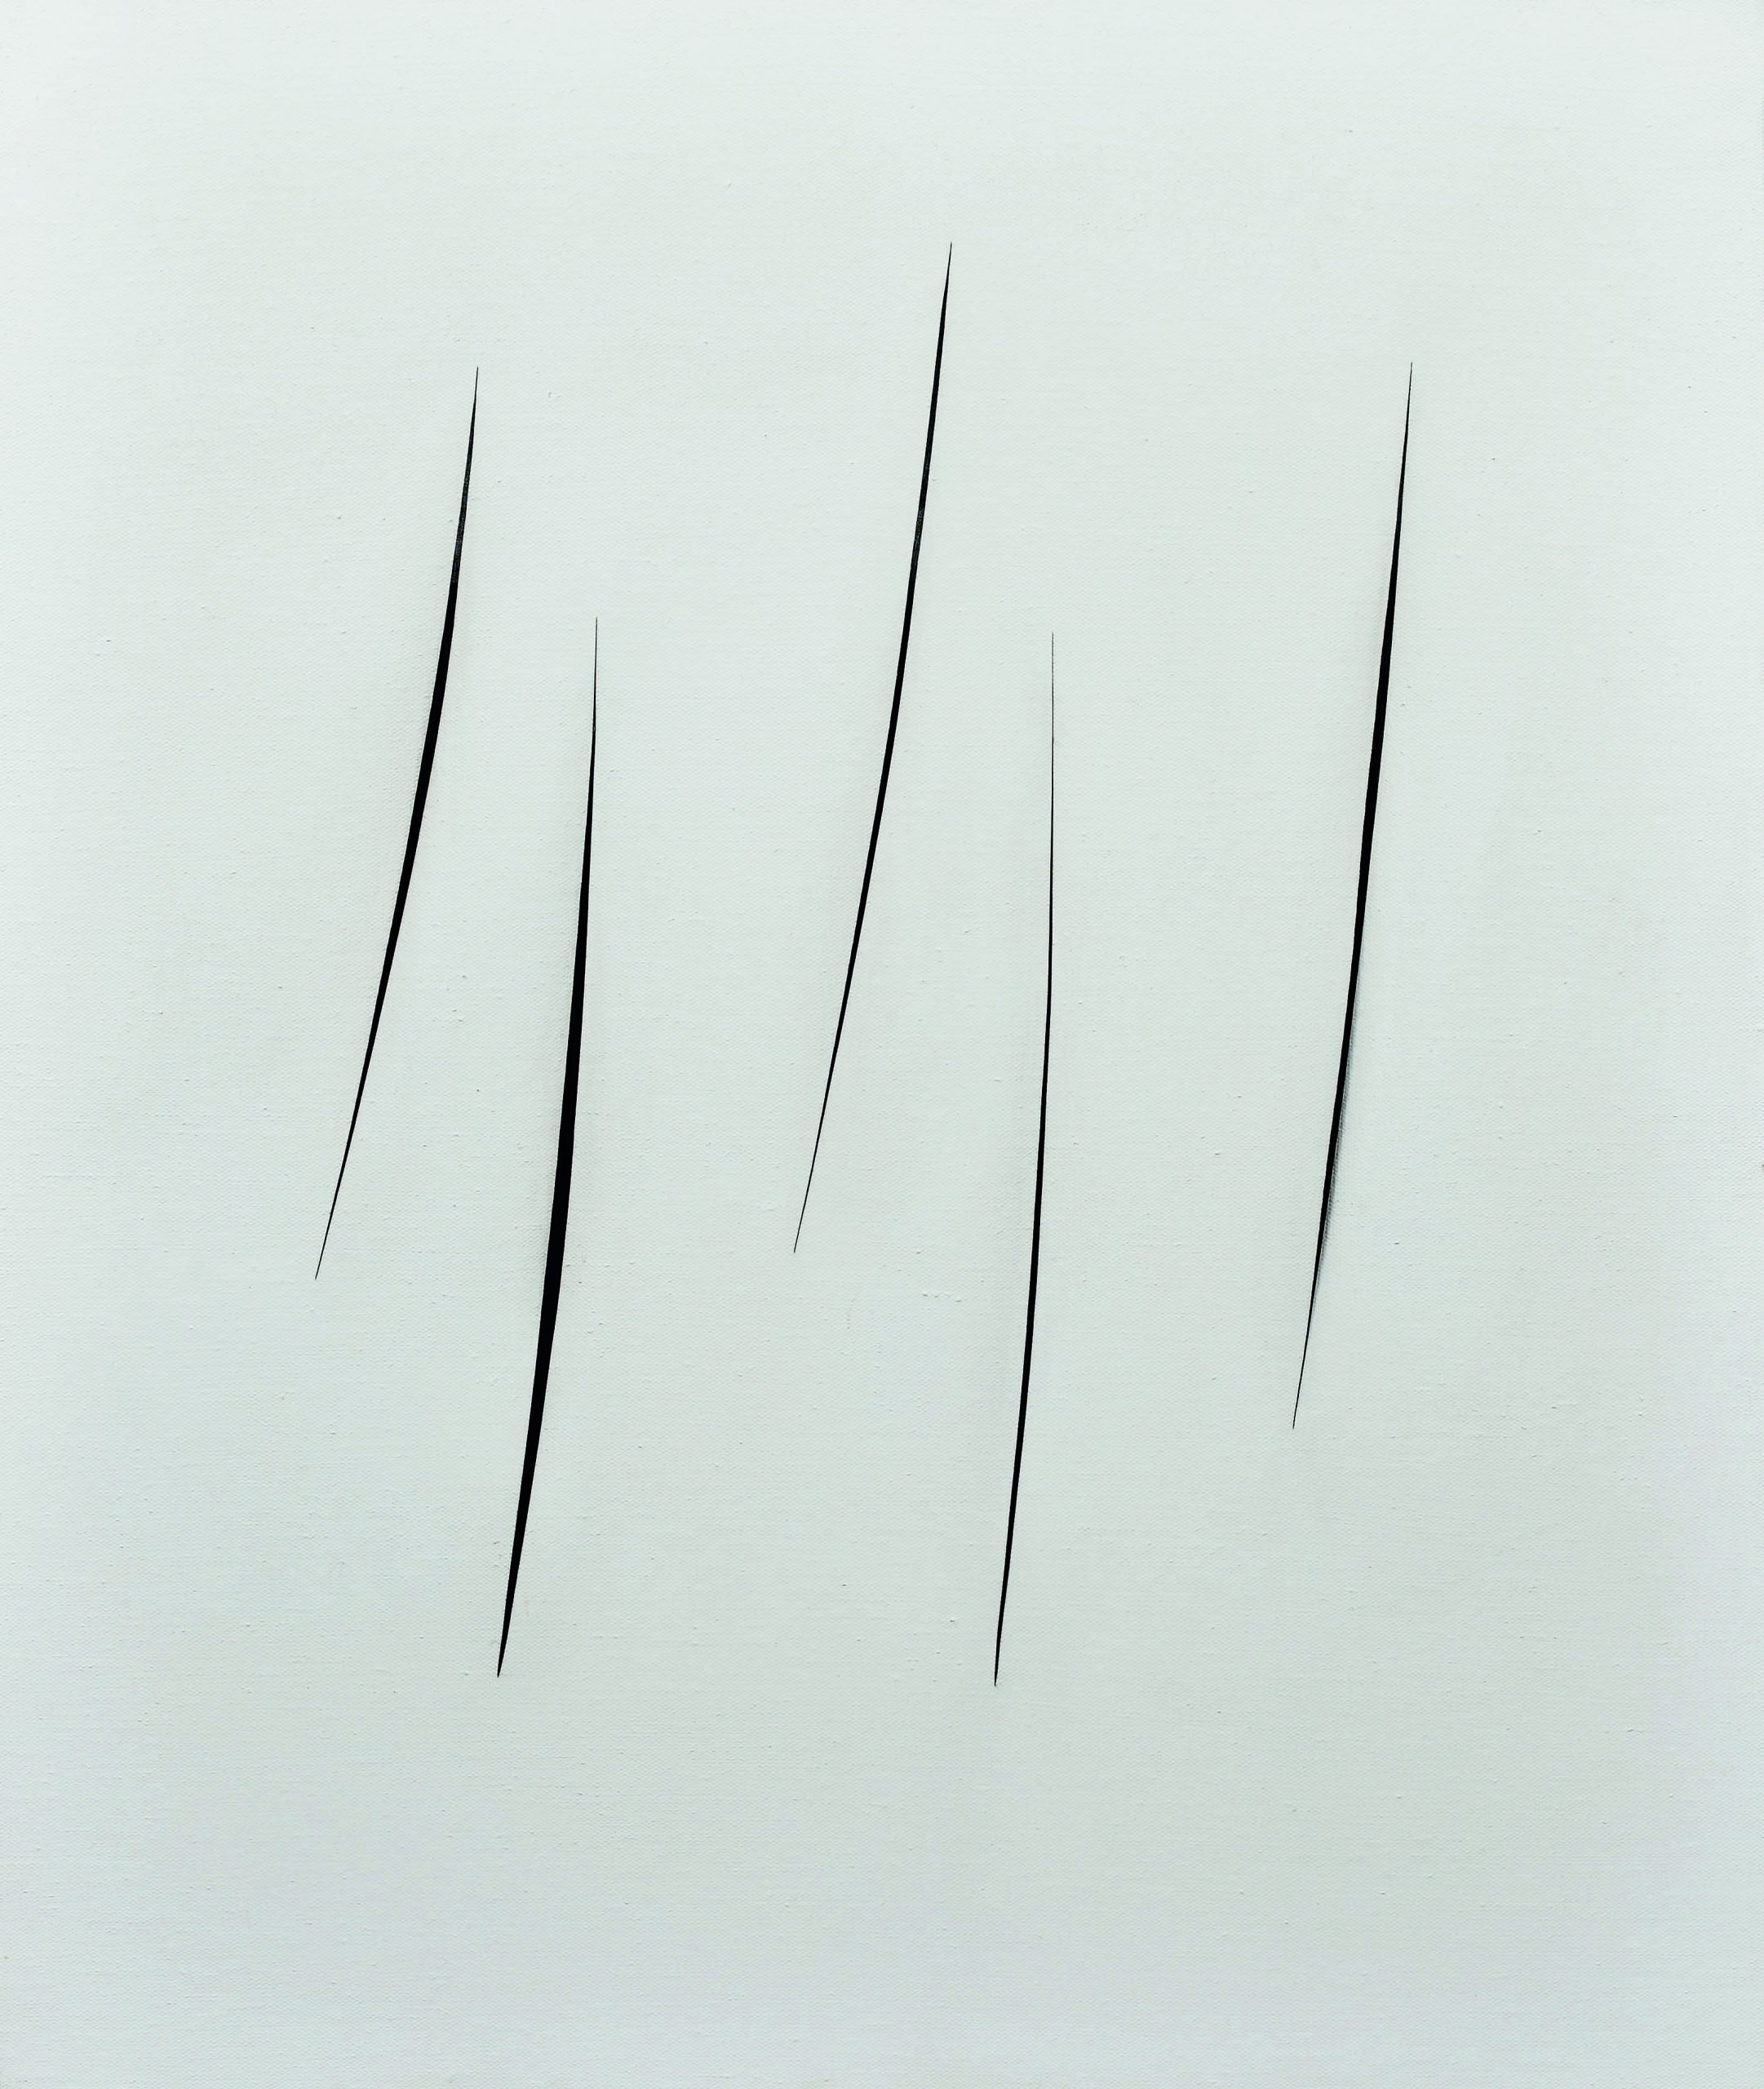 Lucio Fontana, Concetto spaziale, Attese, 1965, idropittura su tela, 100x81 cm